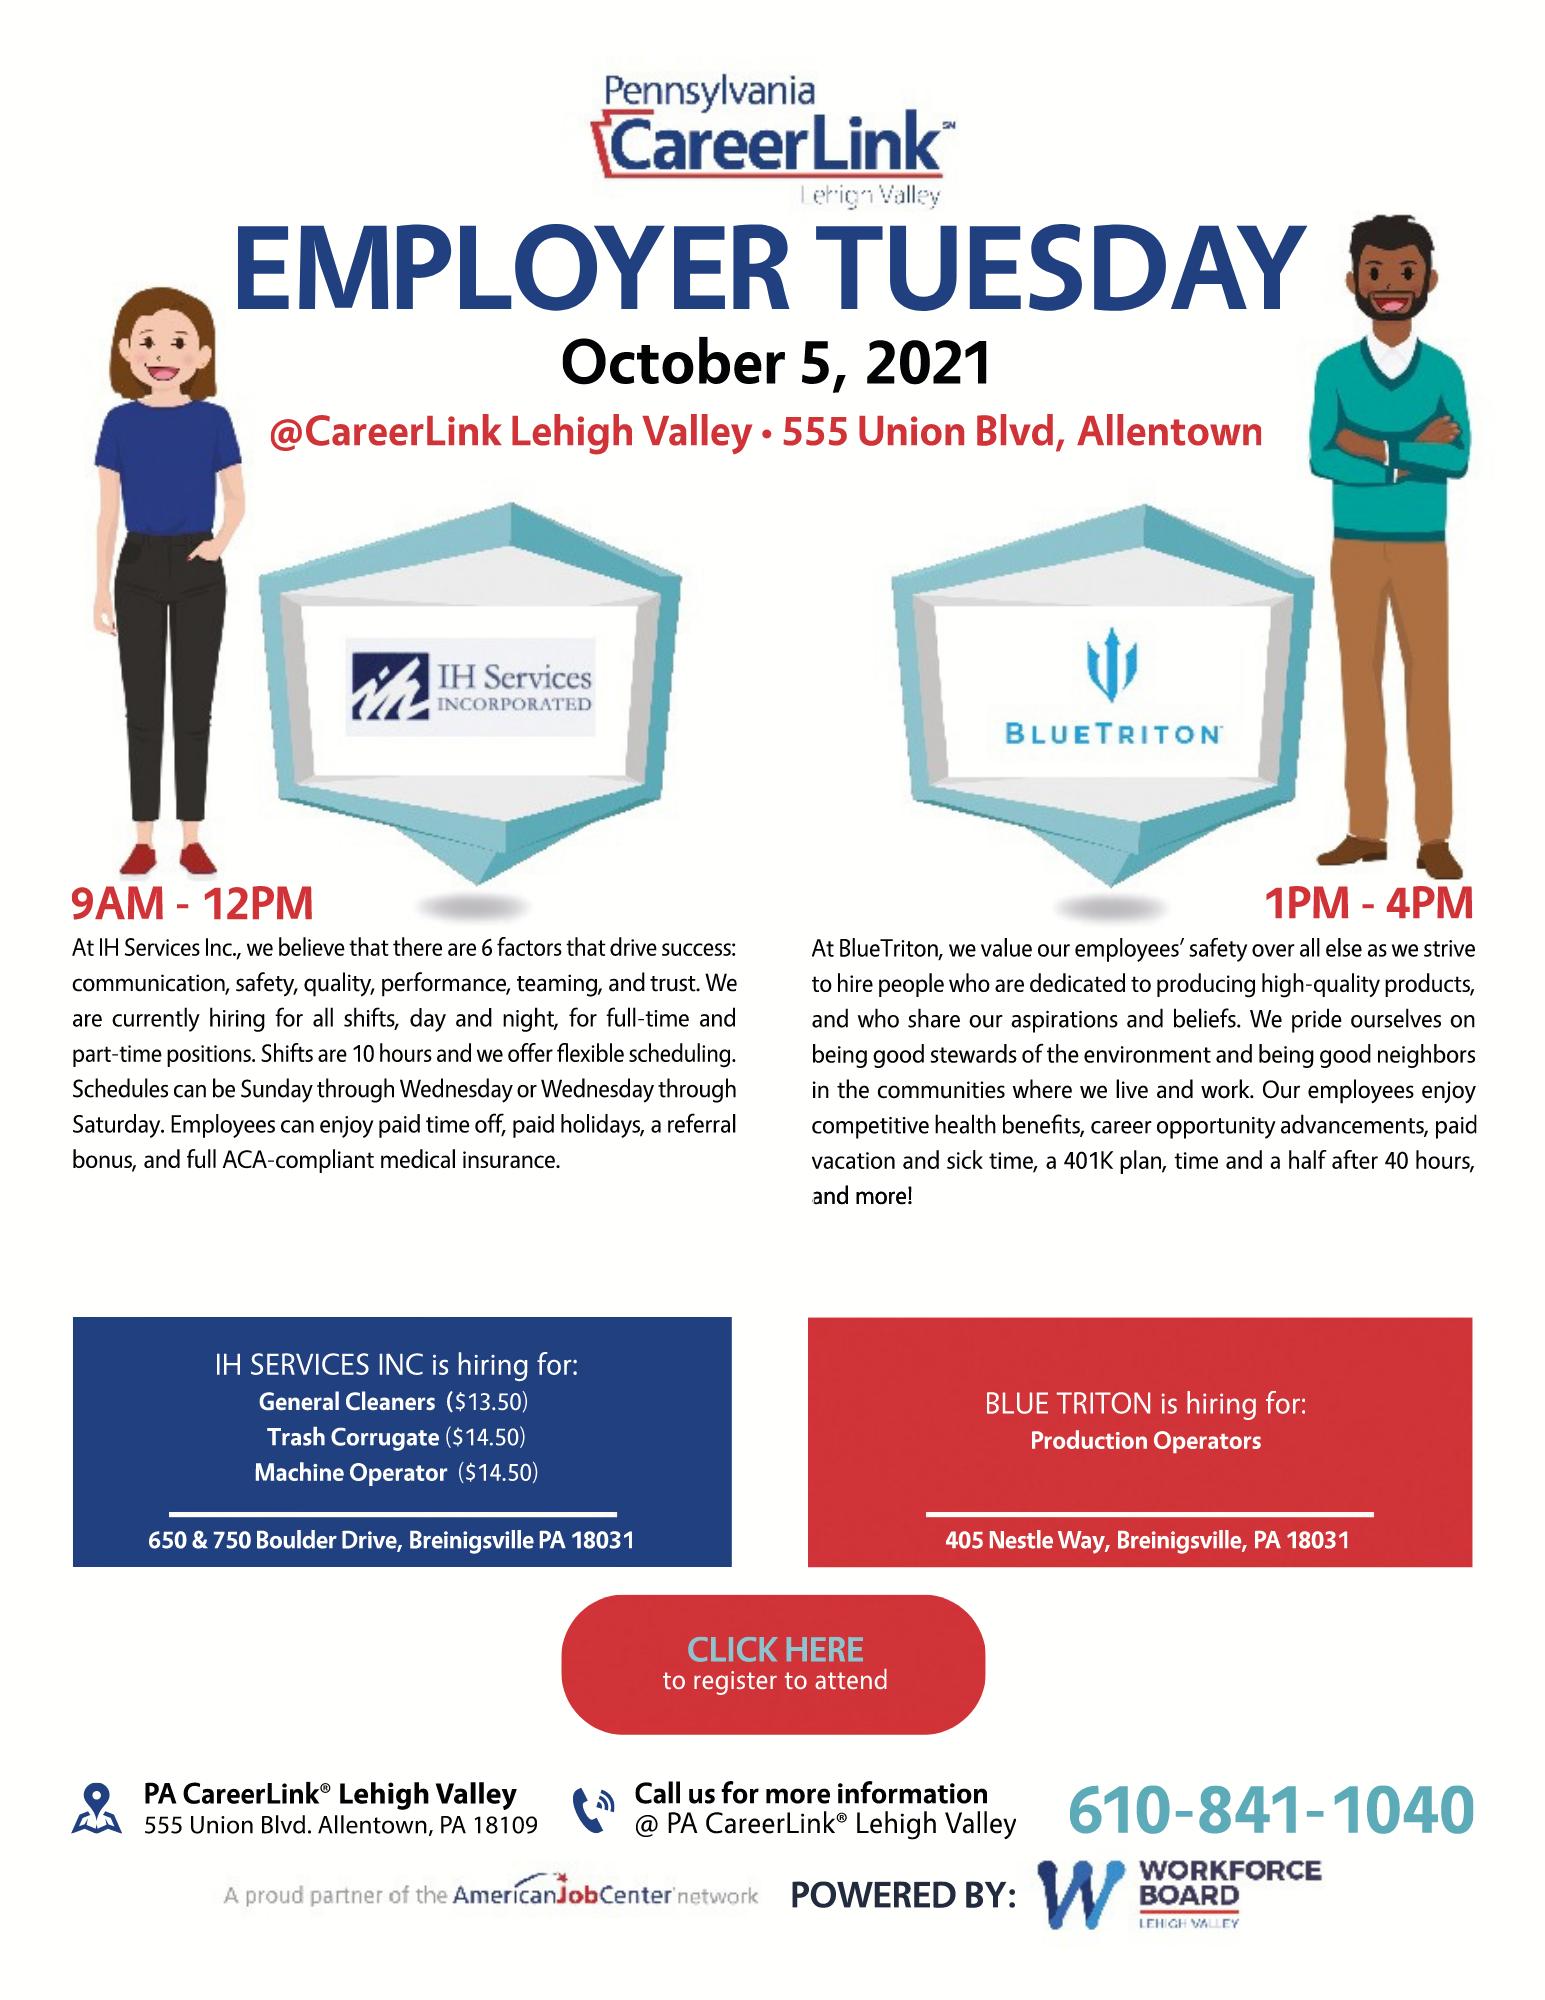 October 5 Employer Tuesday flyer